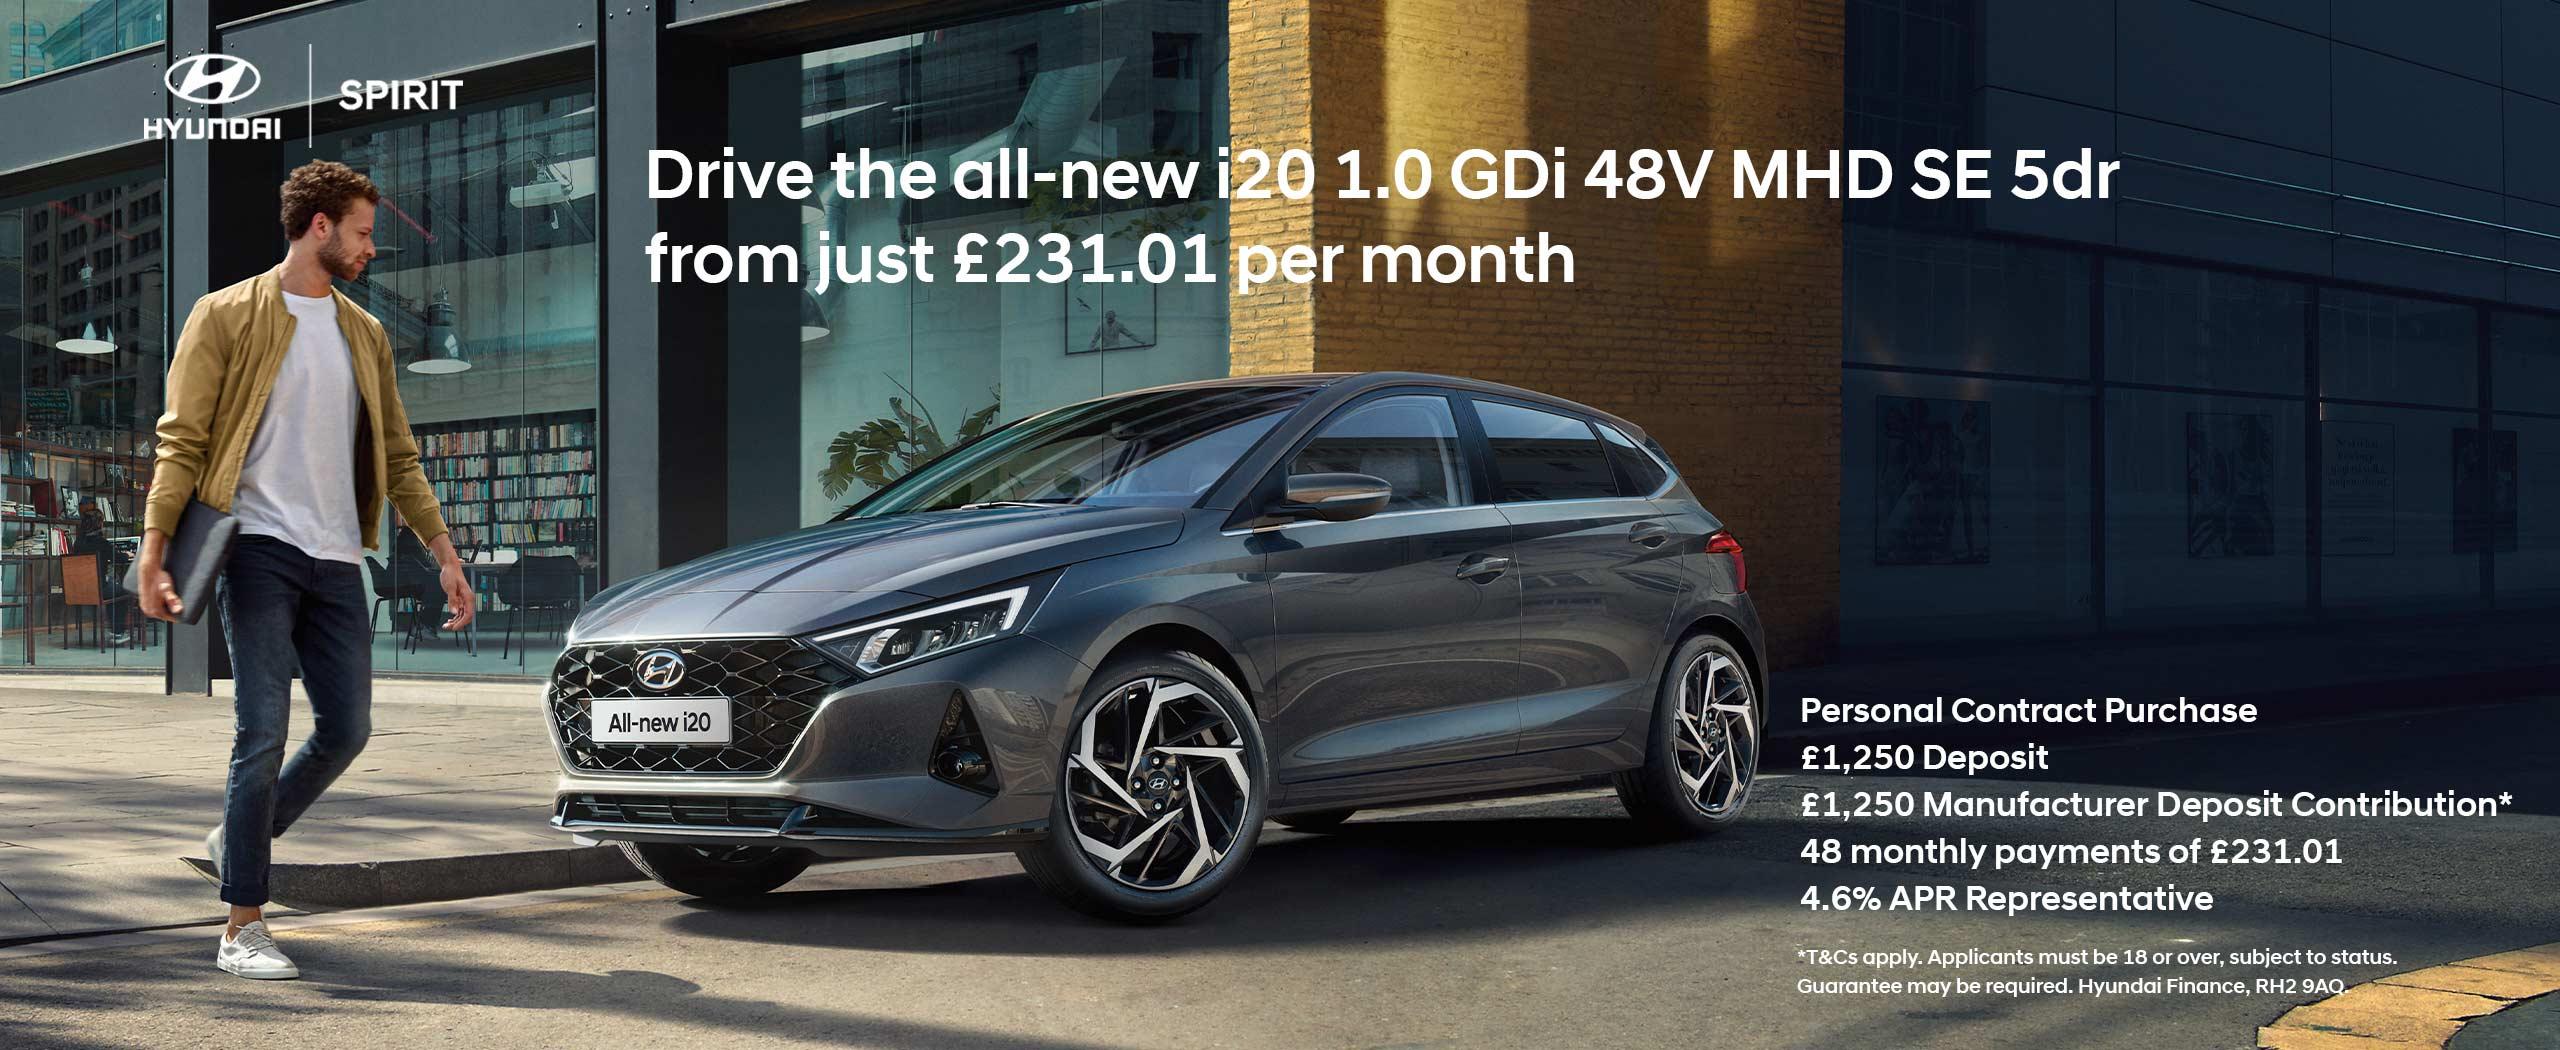 Hyundai All-new i20